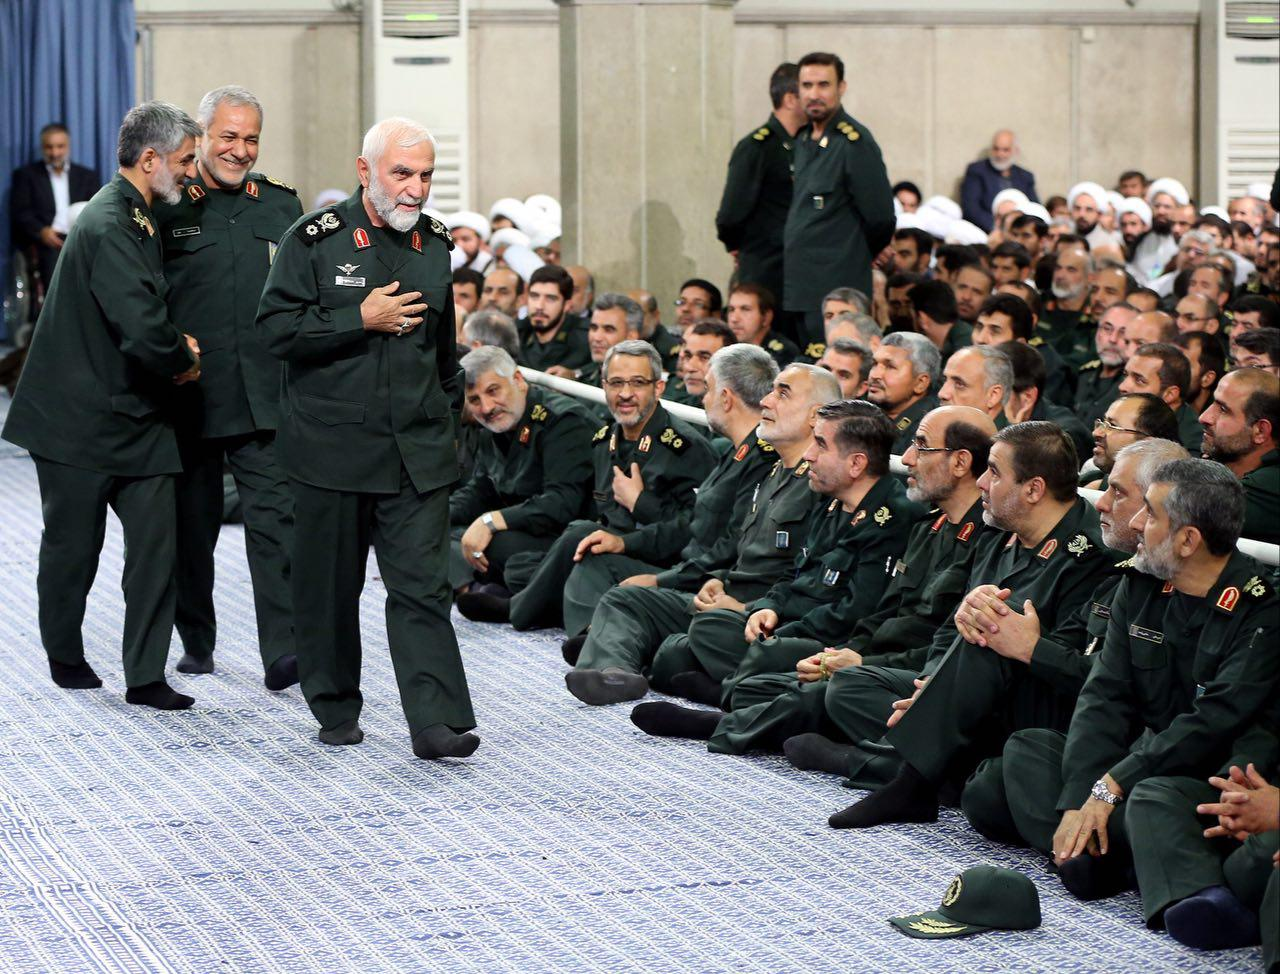 عکس/ سردار همدانی در دیدار فرماندهان سپاه با رهبرانقلاب